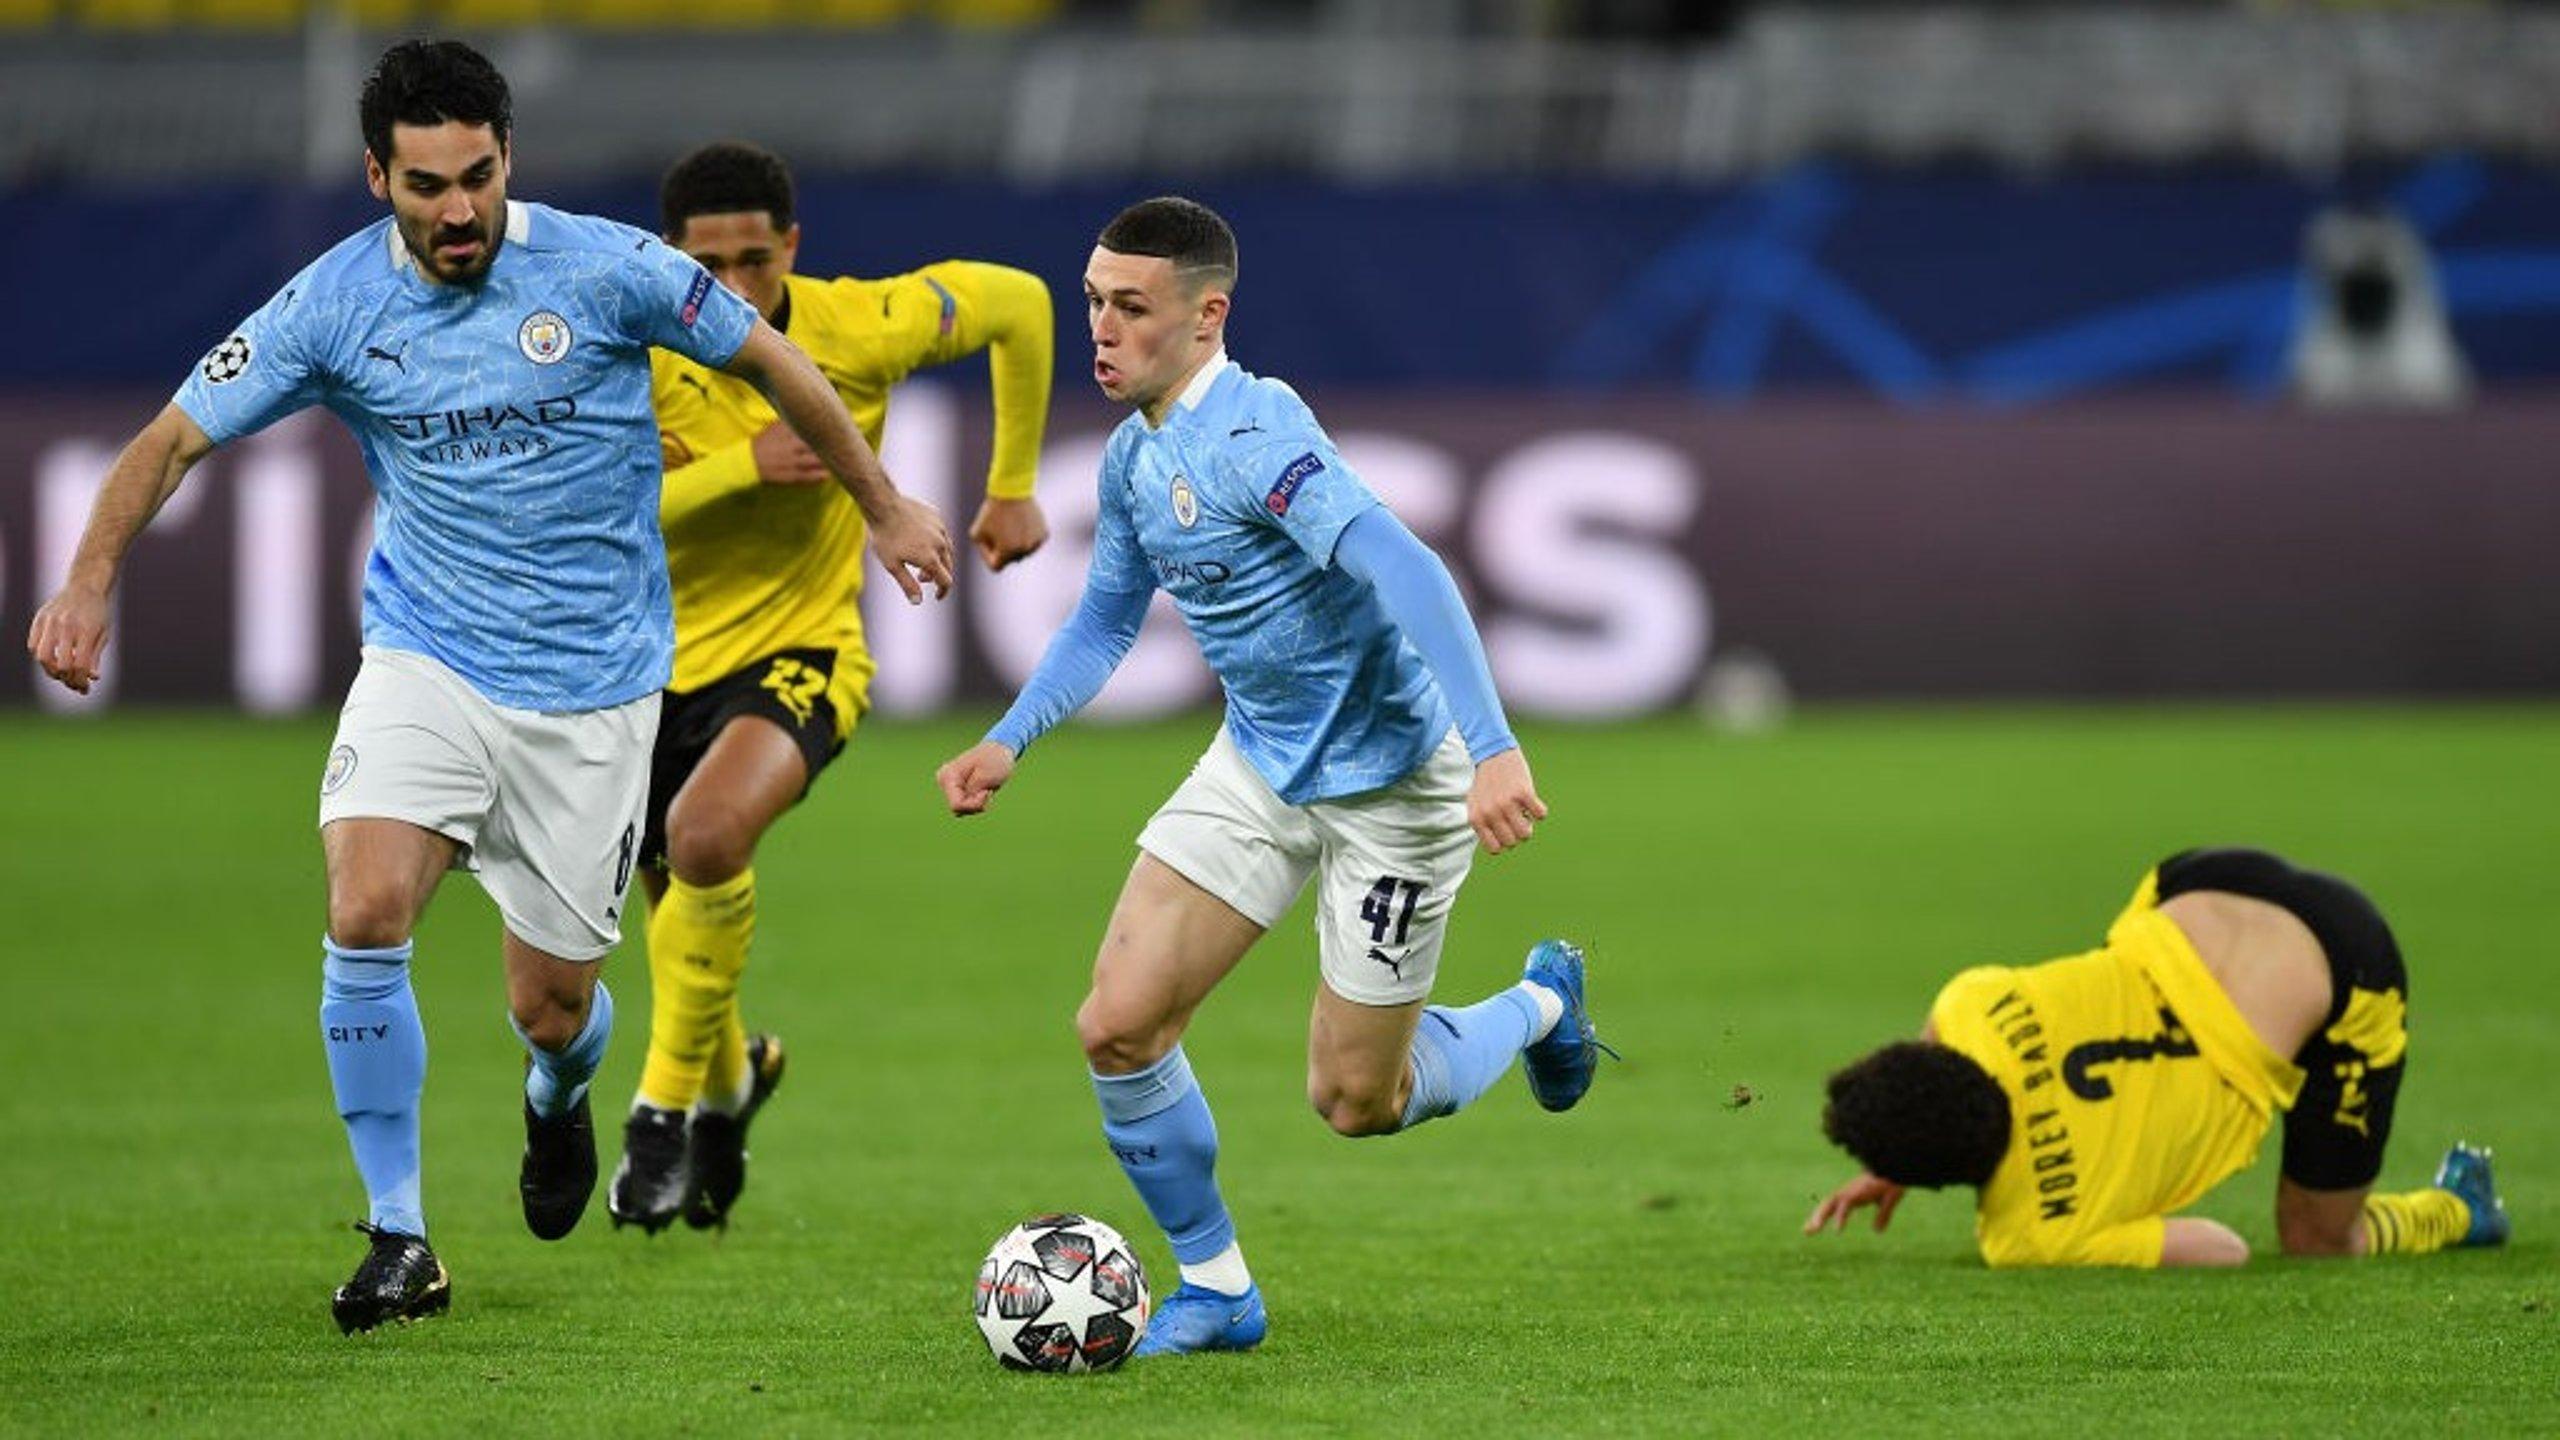 Gallery: Foden firecracker helps City down Dortmund